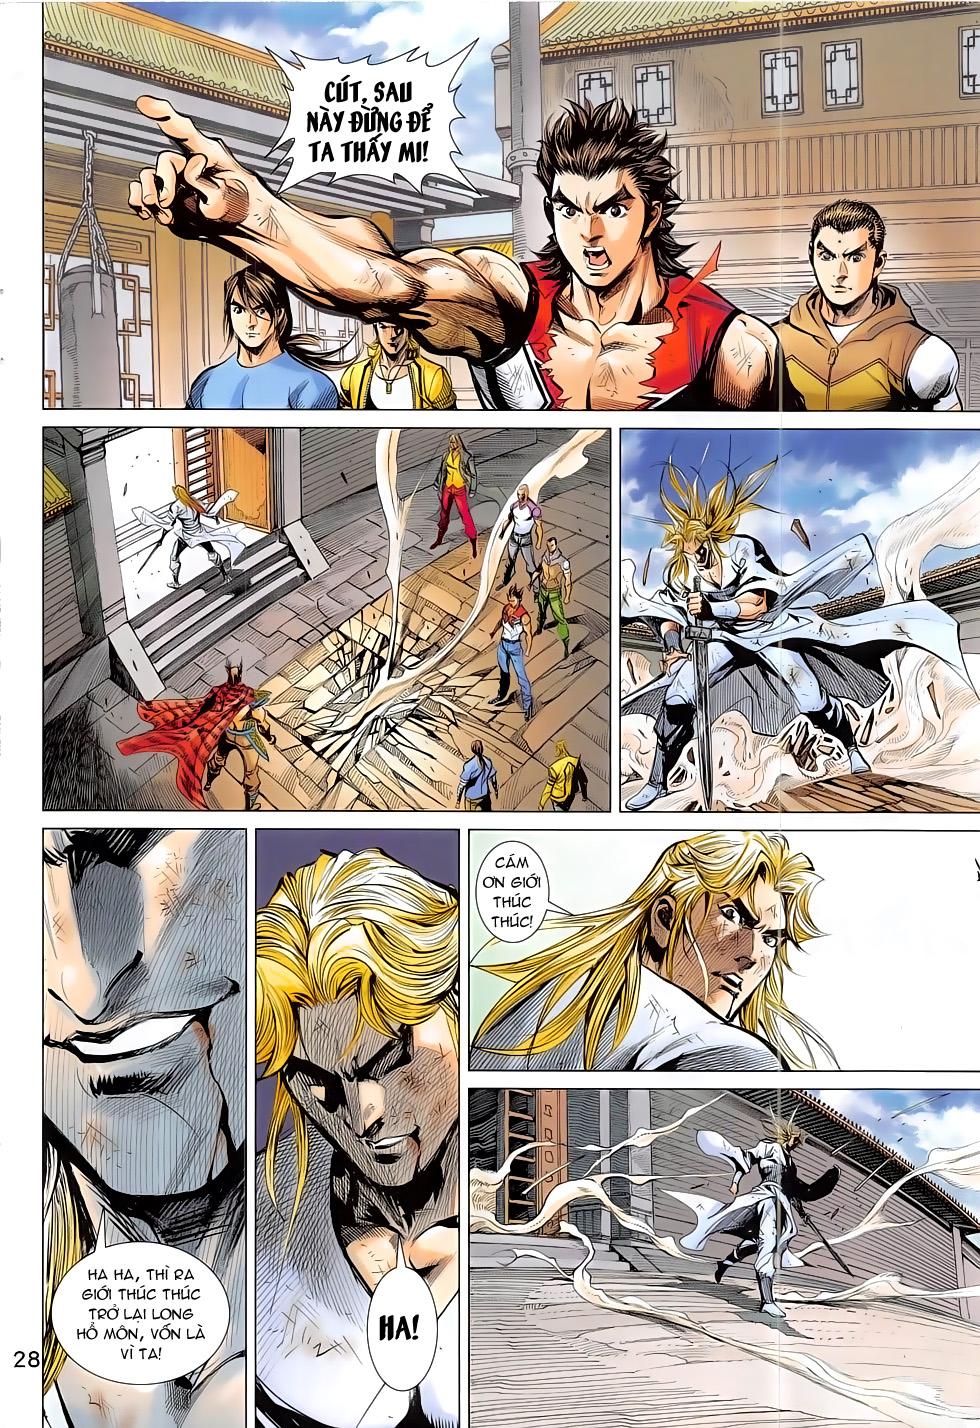 Đông Phương Chân Long chap 65 - Trang 28